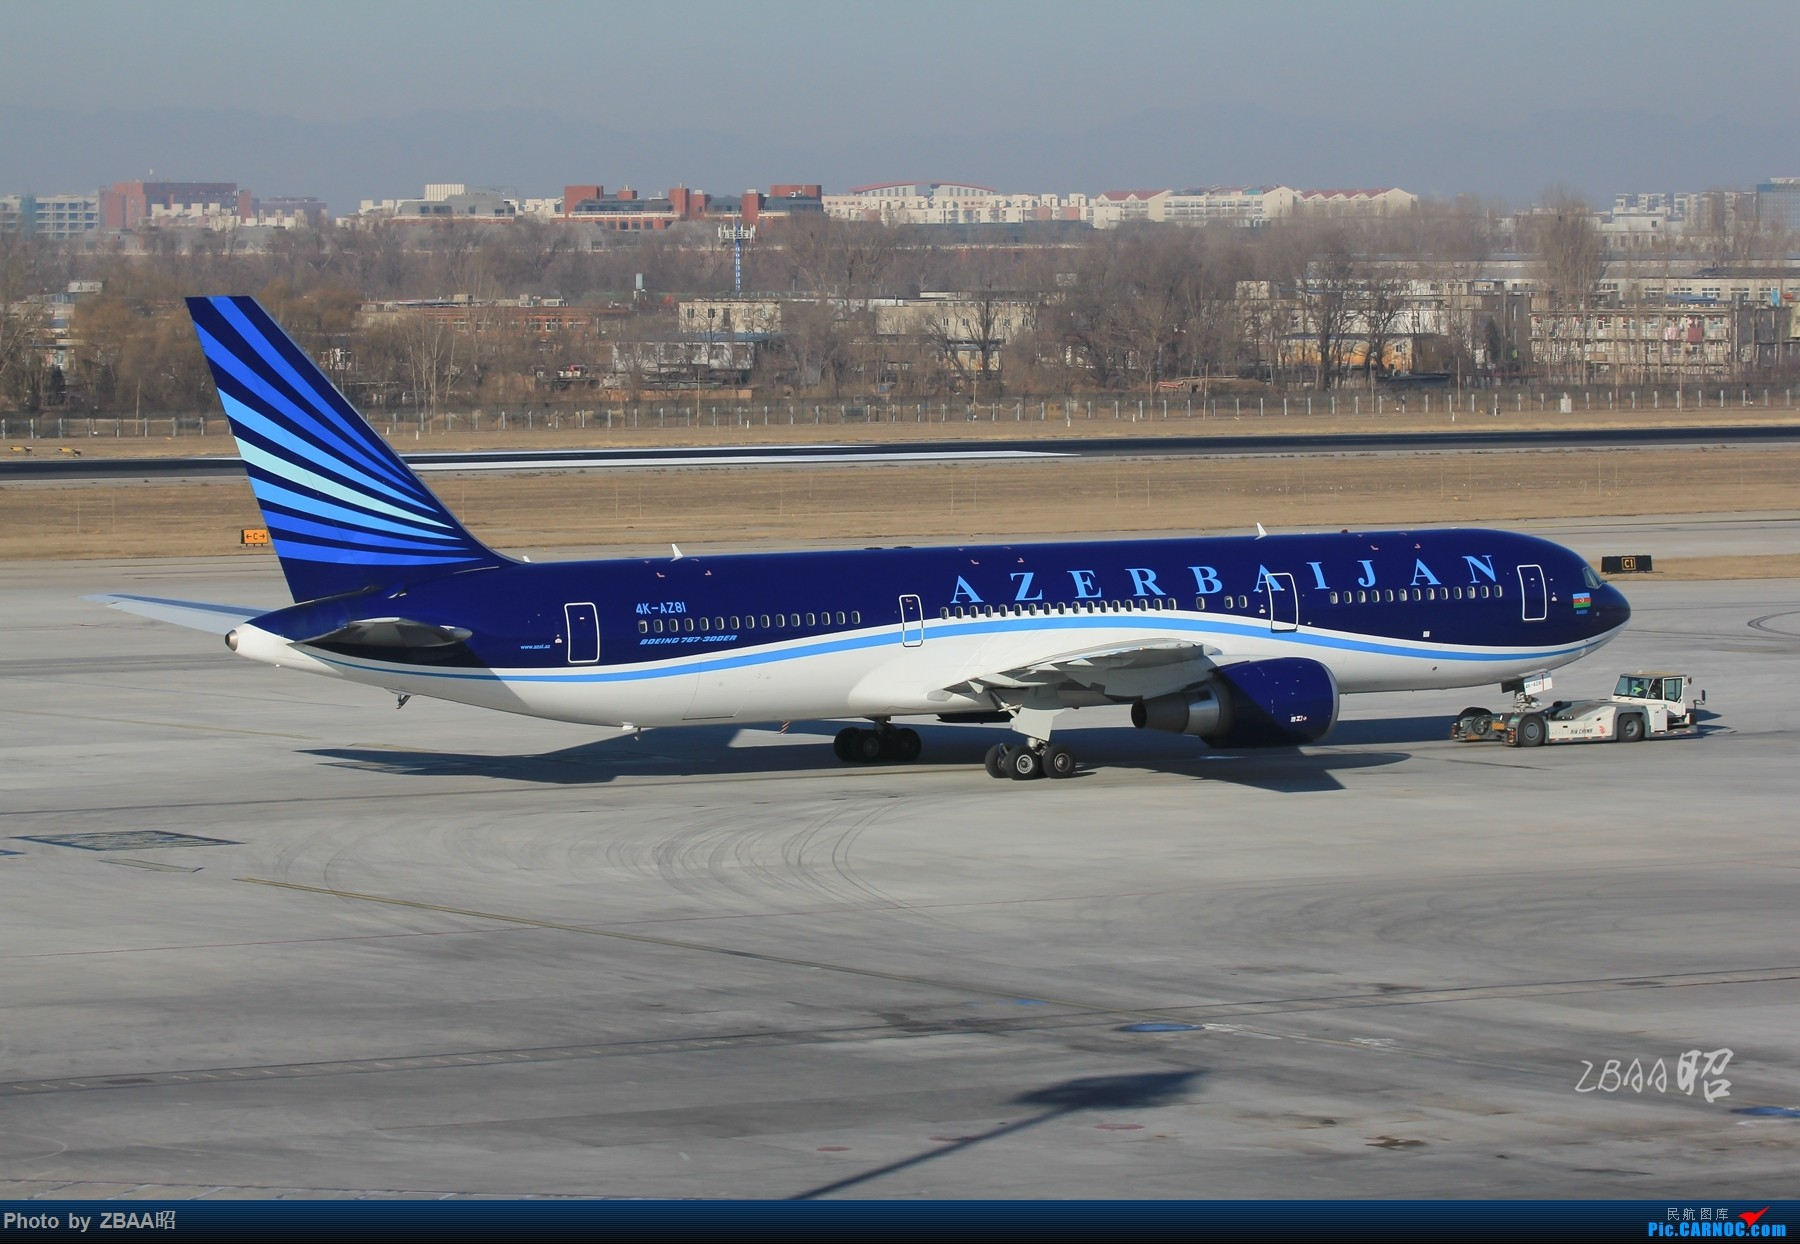 Re:[原创]飞友聚会后的独自疯狂,格林豪泰隔天怒打ZBAA 36L跑道,夜拍海航宽体机,寒风中坚守楼顶阵地 BOEING 767-300ER 4K-AZ81 中国北京首都国际机场